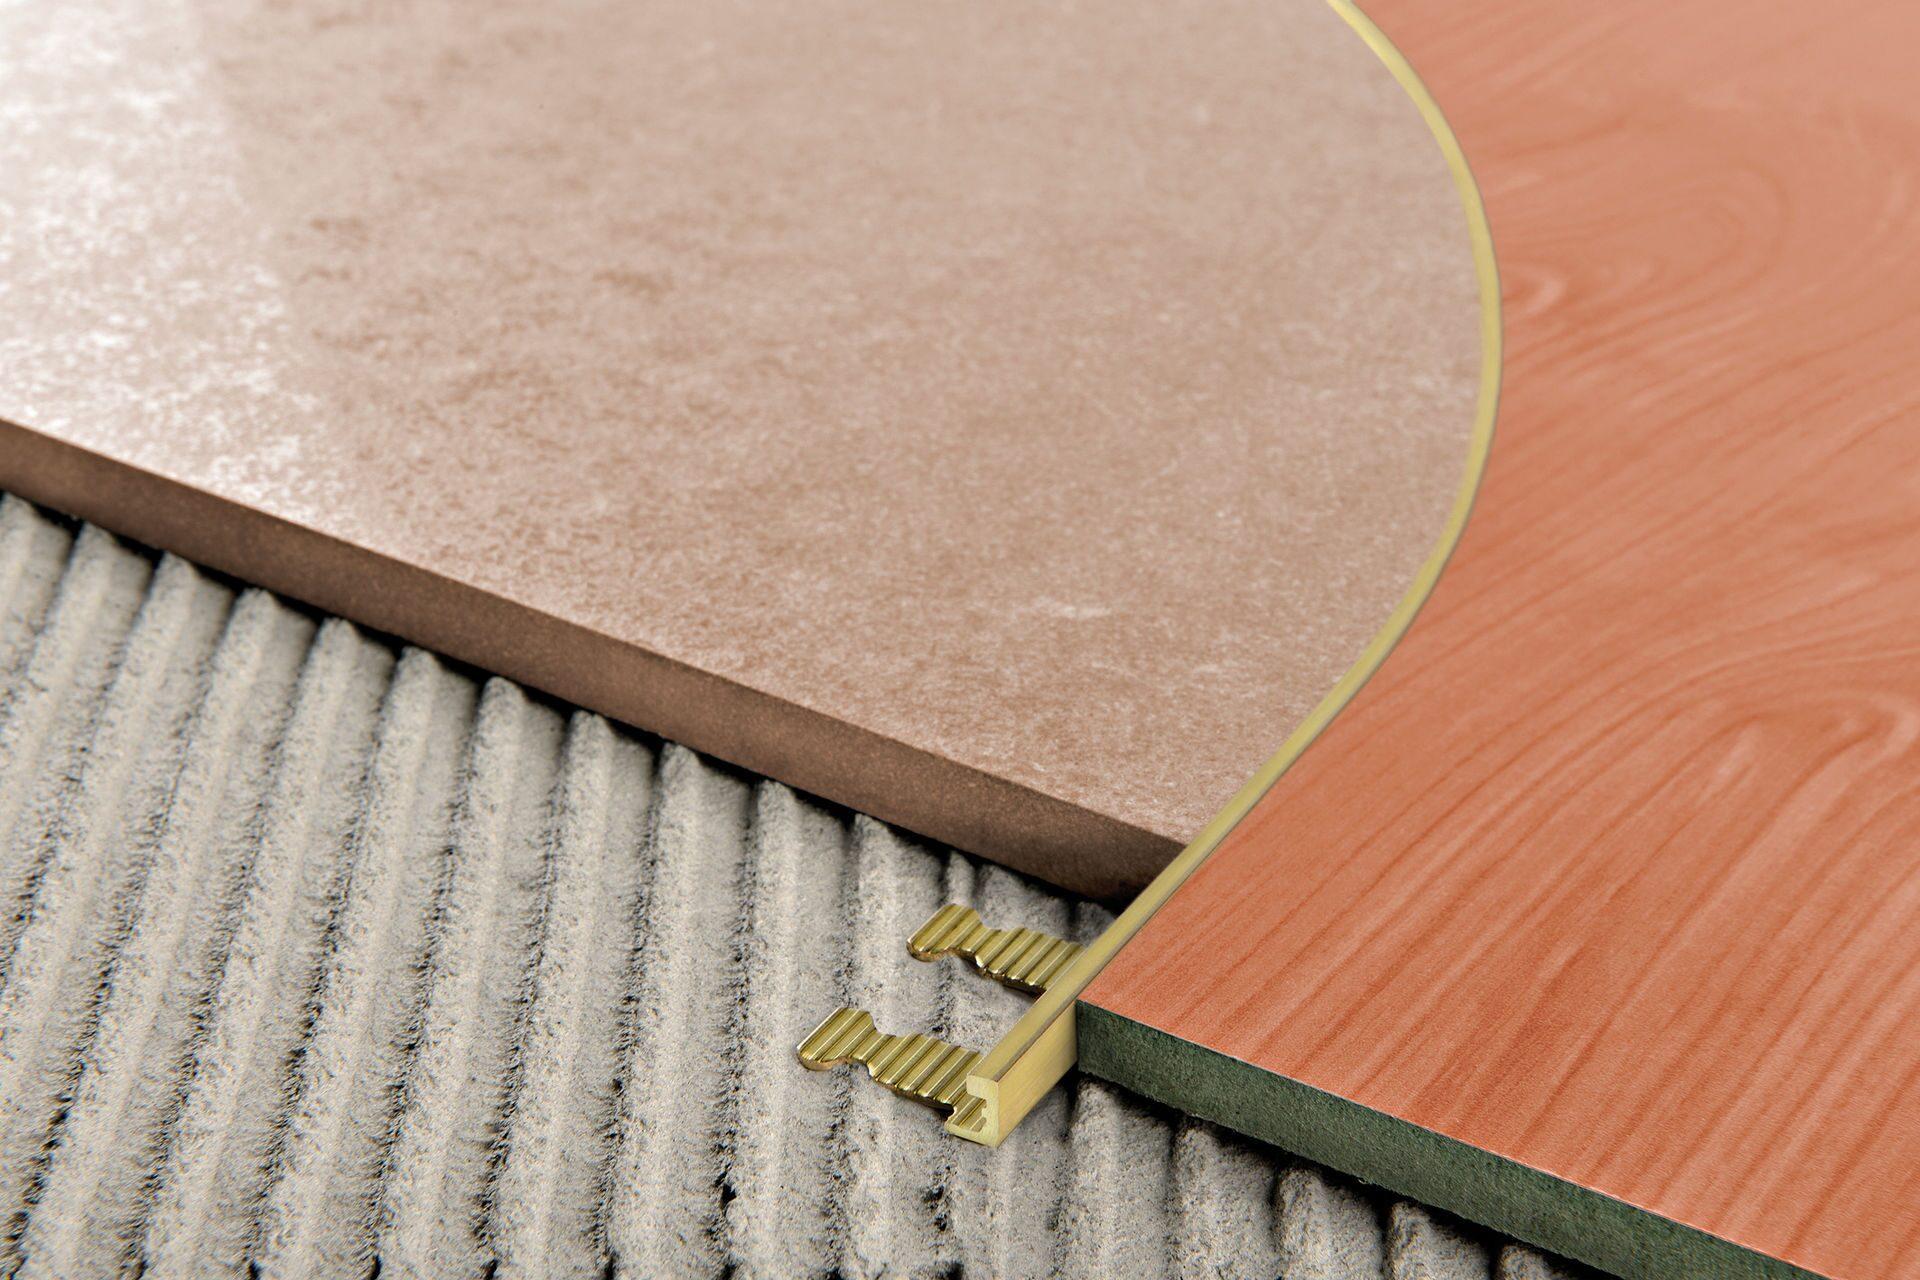 гибкий латунный профиль для плитки